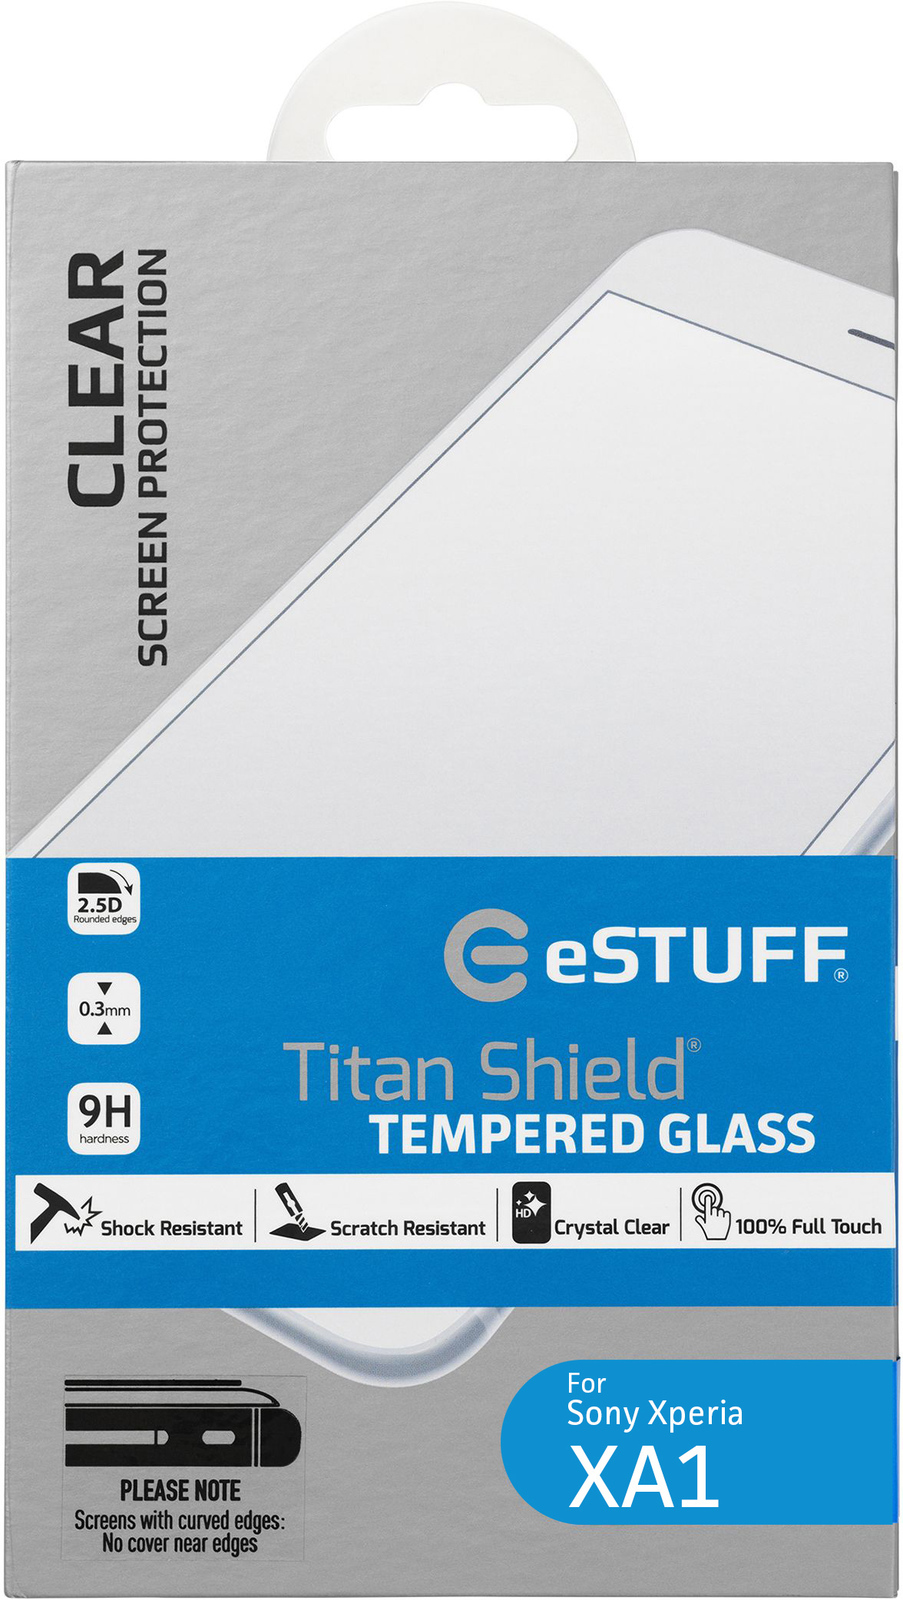 eSTUFF ES10228 Xperia XA1 1pc(s) screen protector